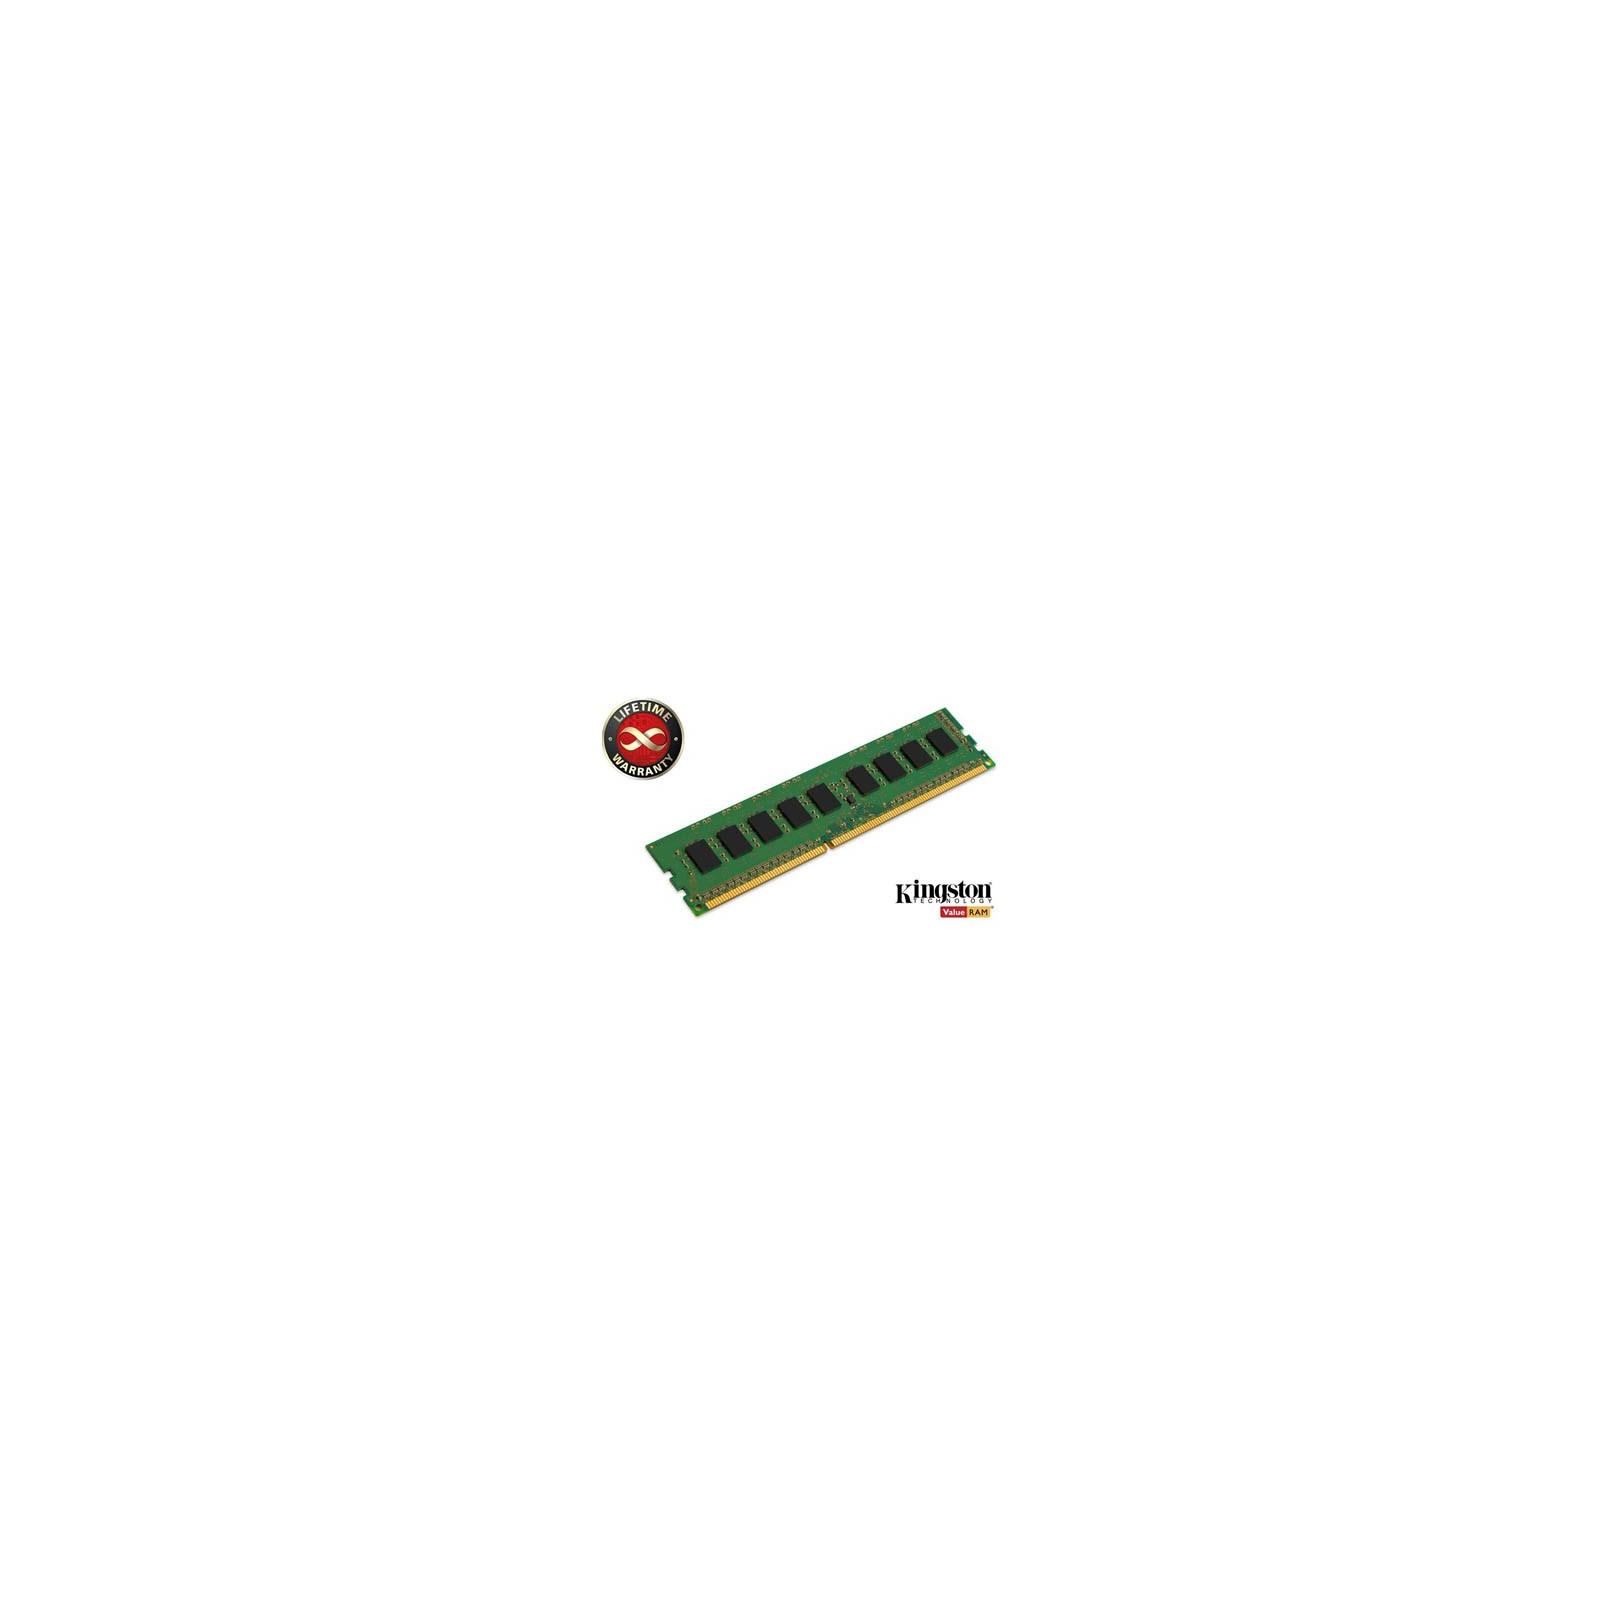 Модуль памяти для компьютера DDR3 4GB 1333 MHz Kingston (KVR1333D3N9/4G / KVR1333D3N9/4G-SP)